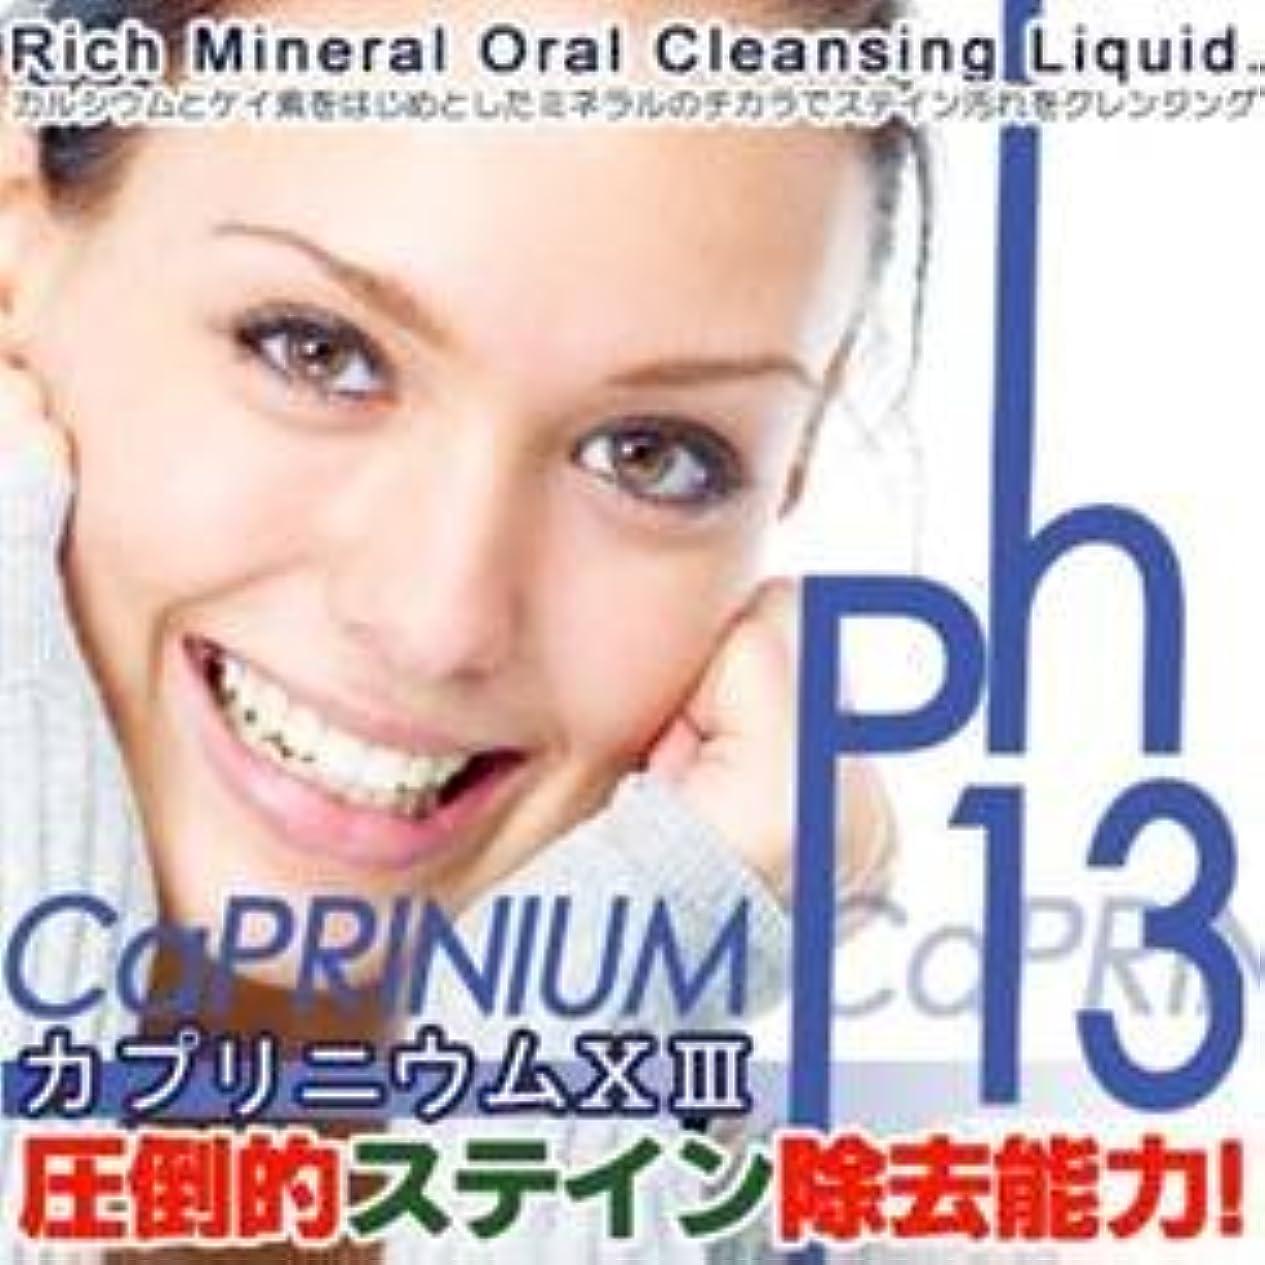 結婚した神運動カプリニウムサーティーンジェル1個入(10日分) 電動歯ブラシ対応歯磨きジェル